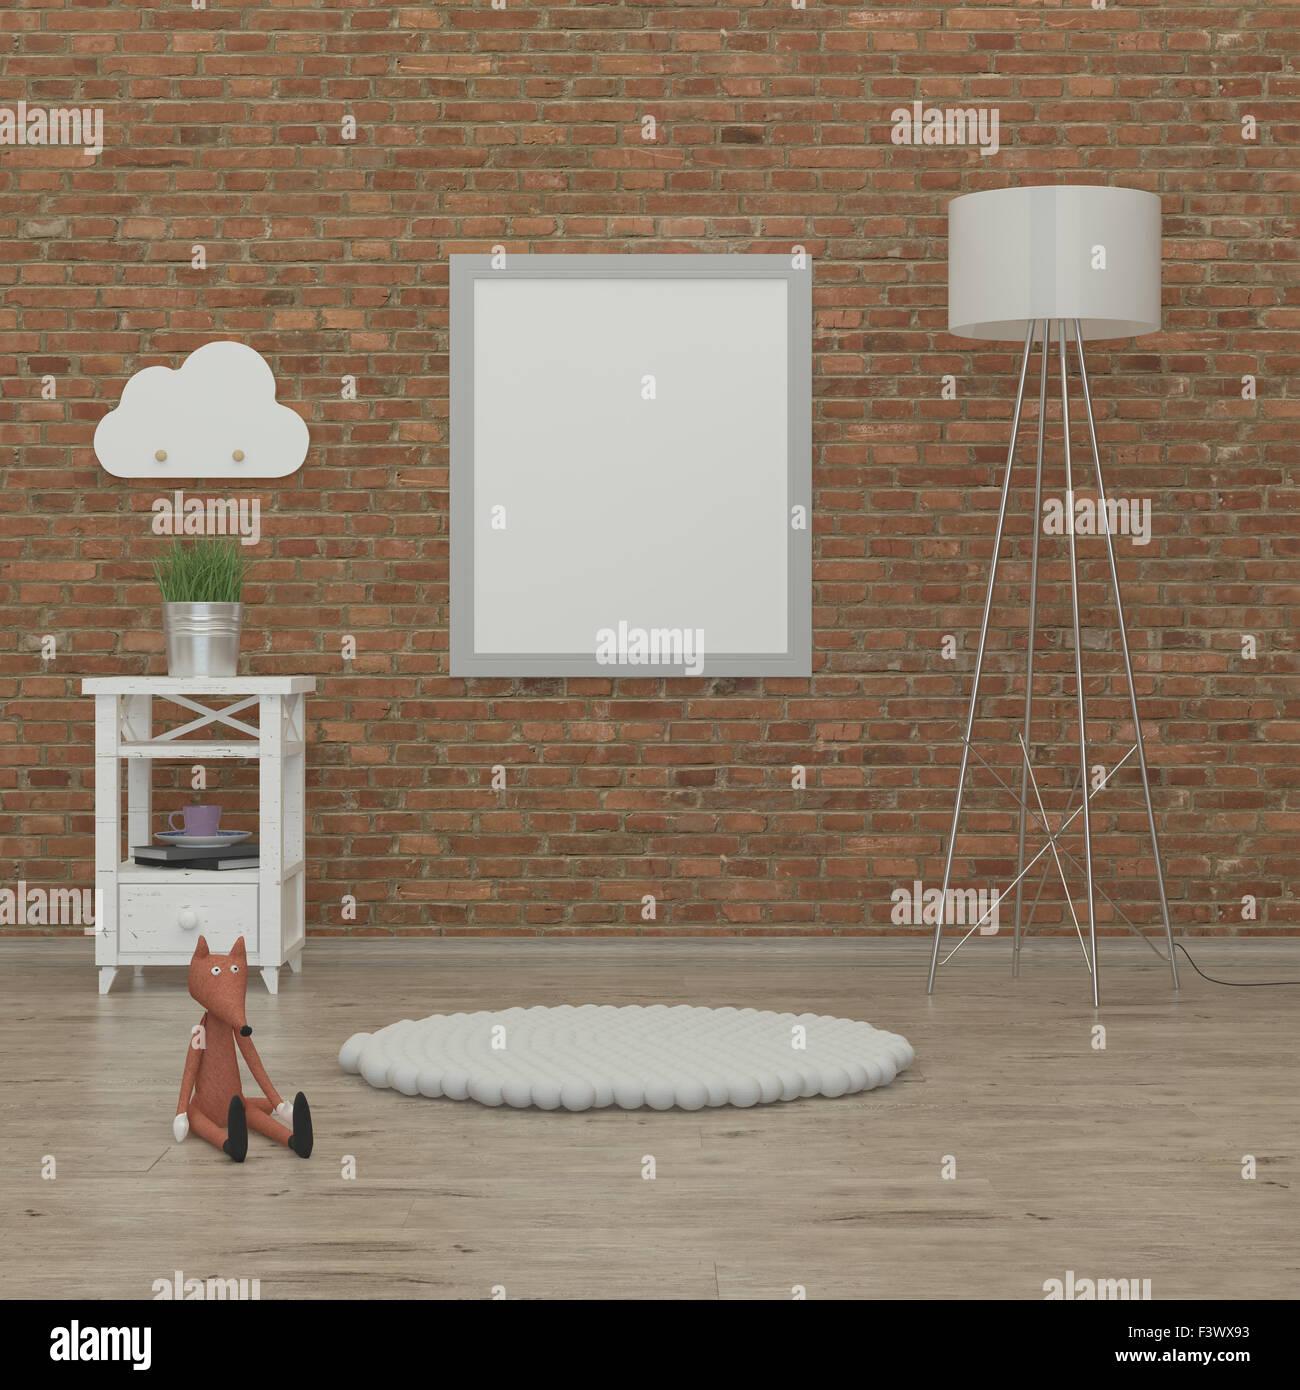 Los niños dormitorio interior imagen 3D rendering Imagen De Stock